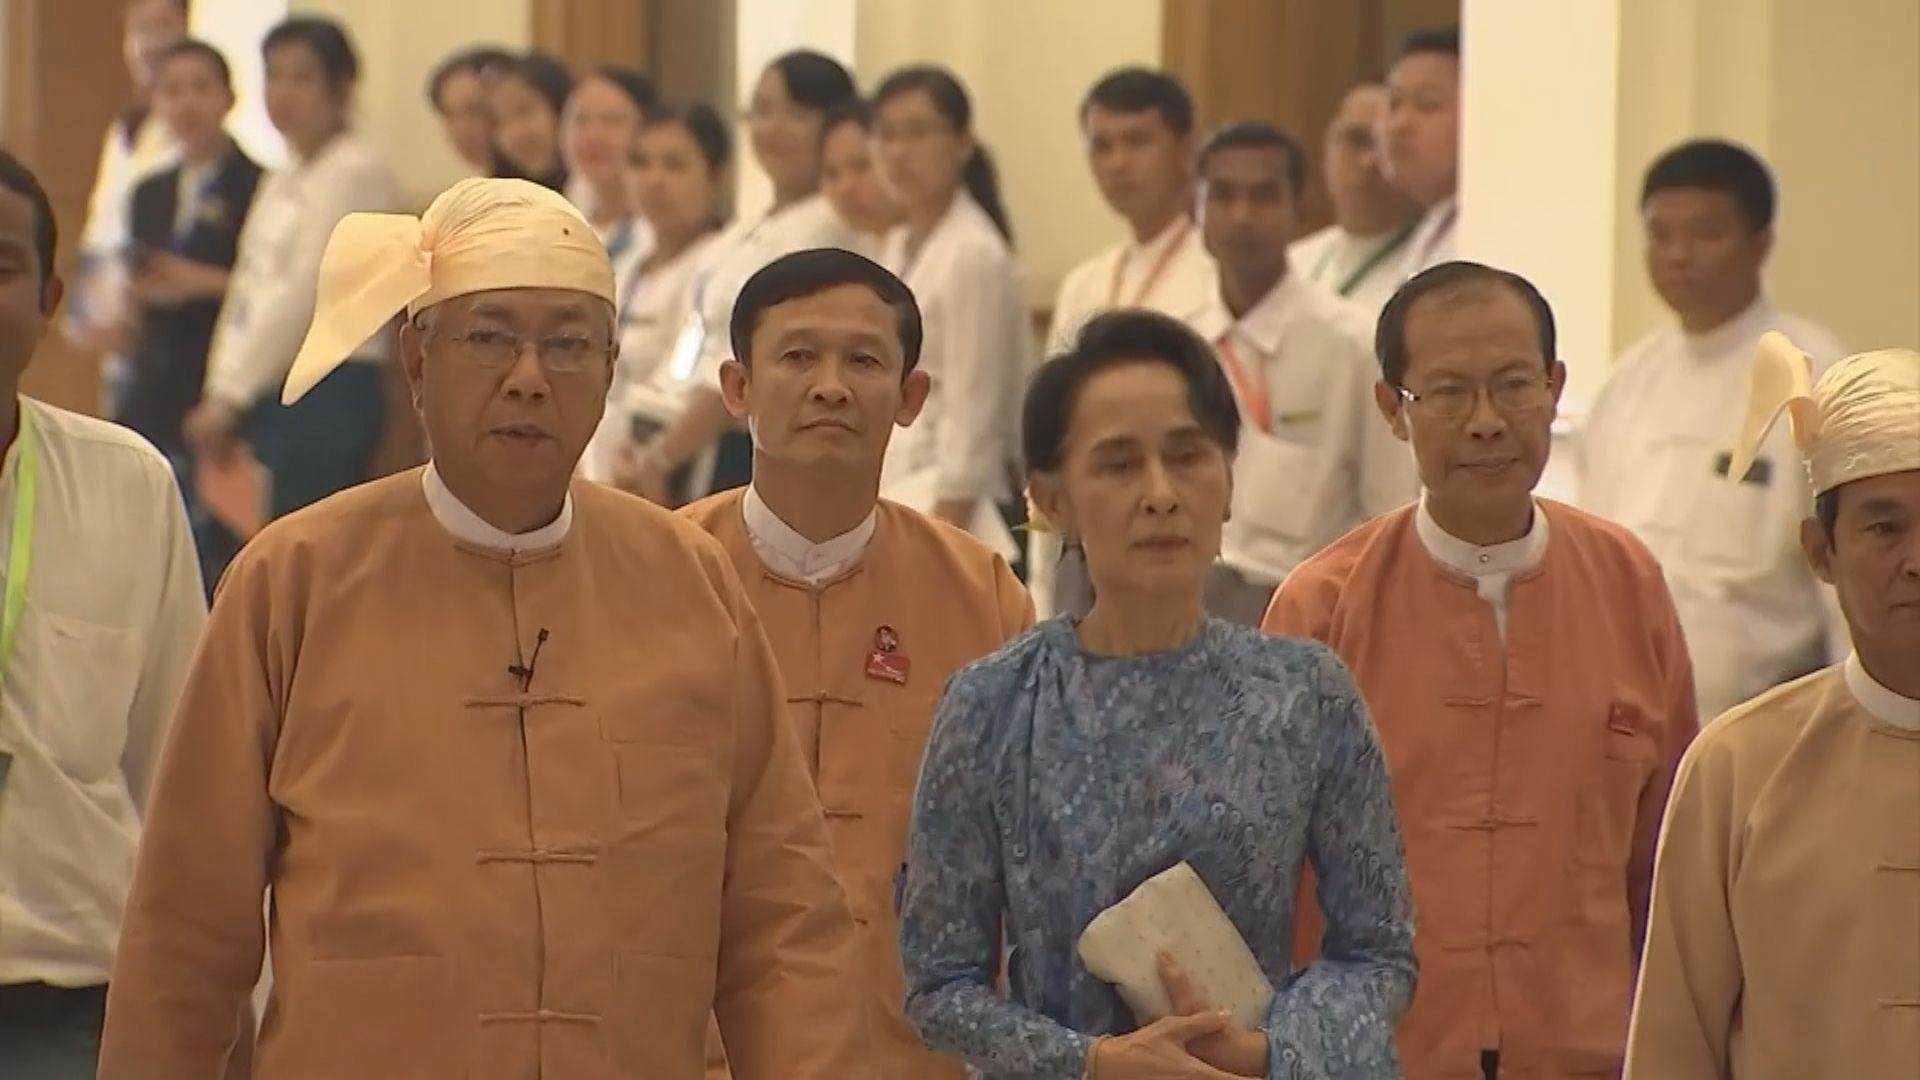 西方多國要求緬甸軍方釋放昂山素姬等人